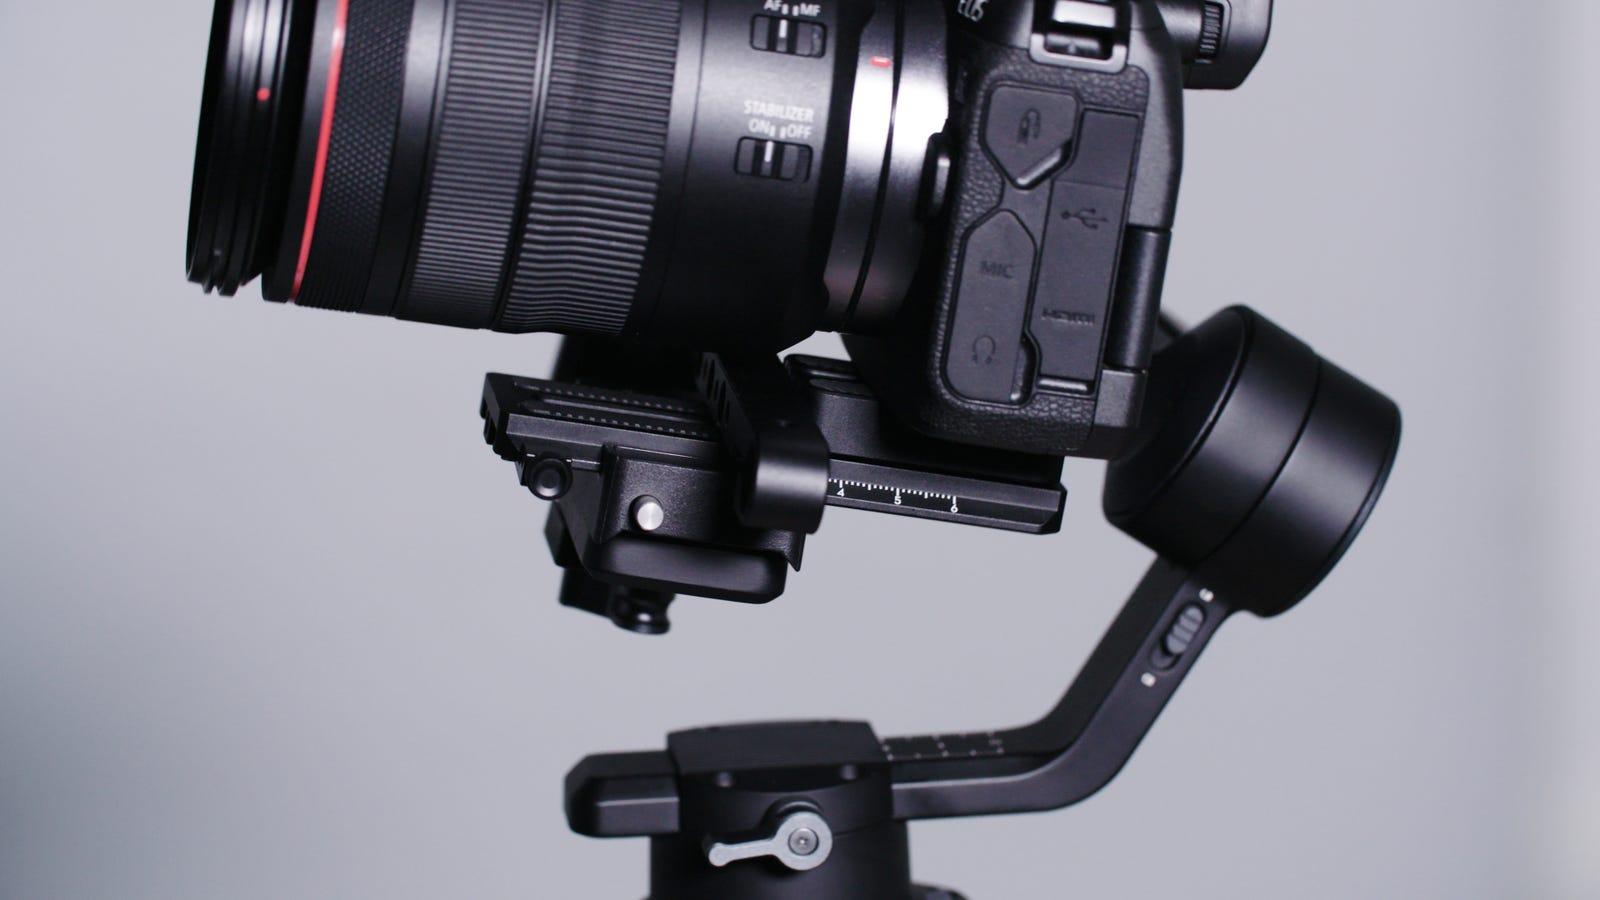 Heavier lenses make balancing a little bit trickier.